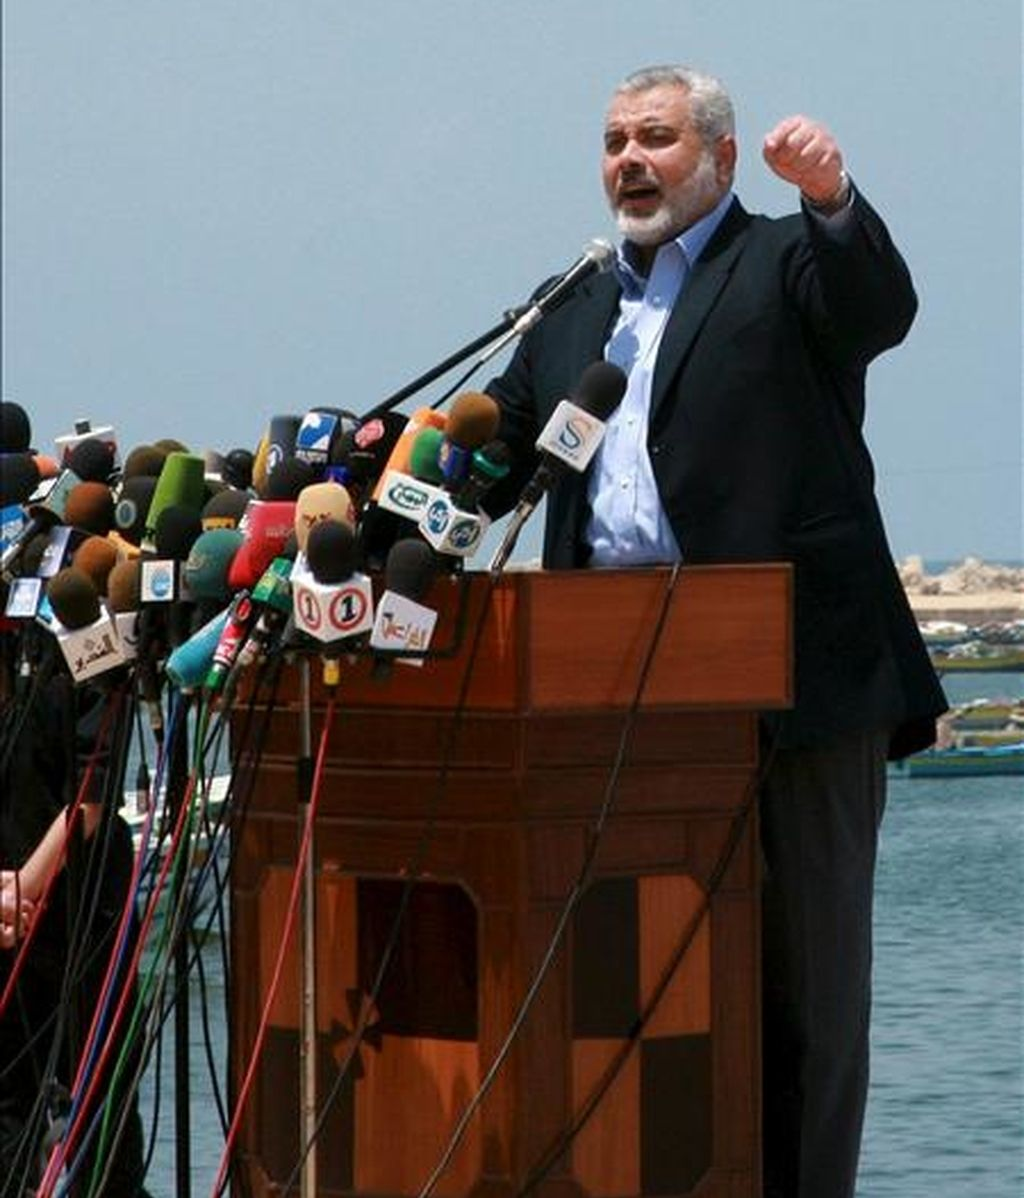 """El jefe del Gobierno de Hamás en Gaza, Ismail Haniye, pronuncia un discurso durante su visita al puerto de Gaza antes de la llegada de la """"Flotilla de la Libertad"""", en mayo pasado. La hija de Haniye ha decidido poner a su hijo recién nacido, el nombre de """"Recep Tayip Erdogán"""", en agradecimiento al primer ministro turco. EFE/Archivo"""